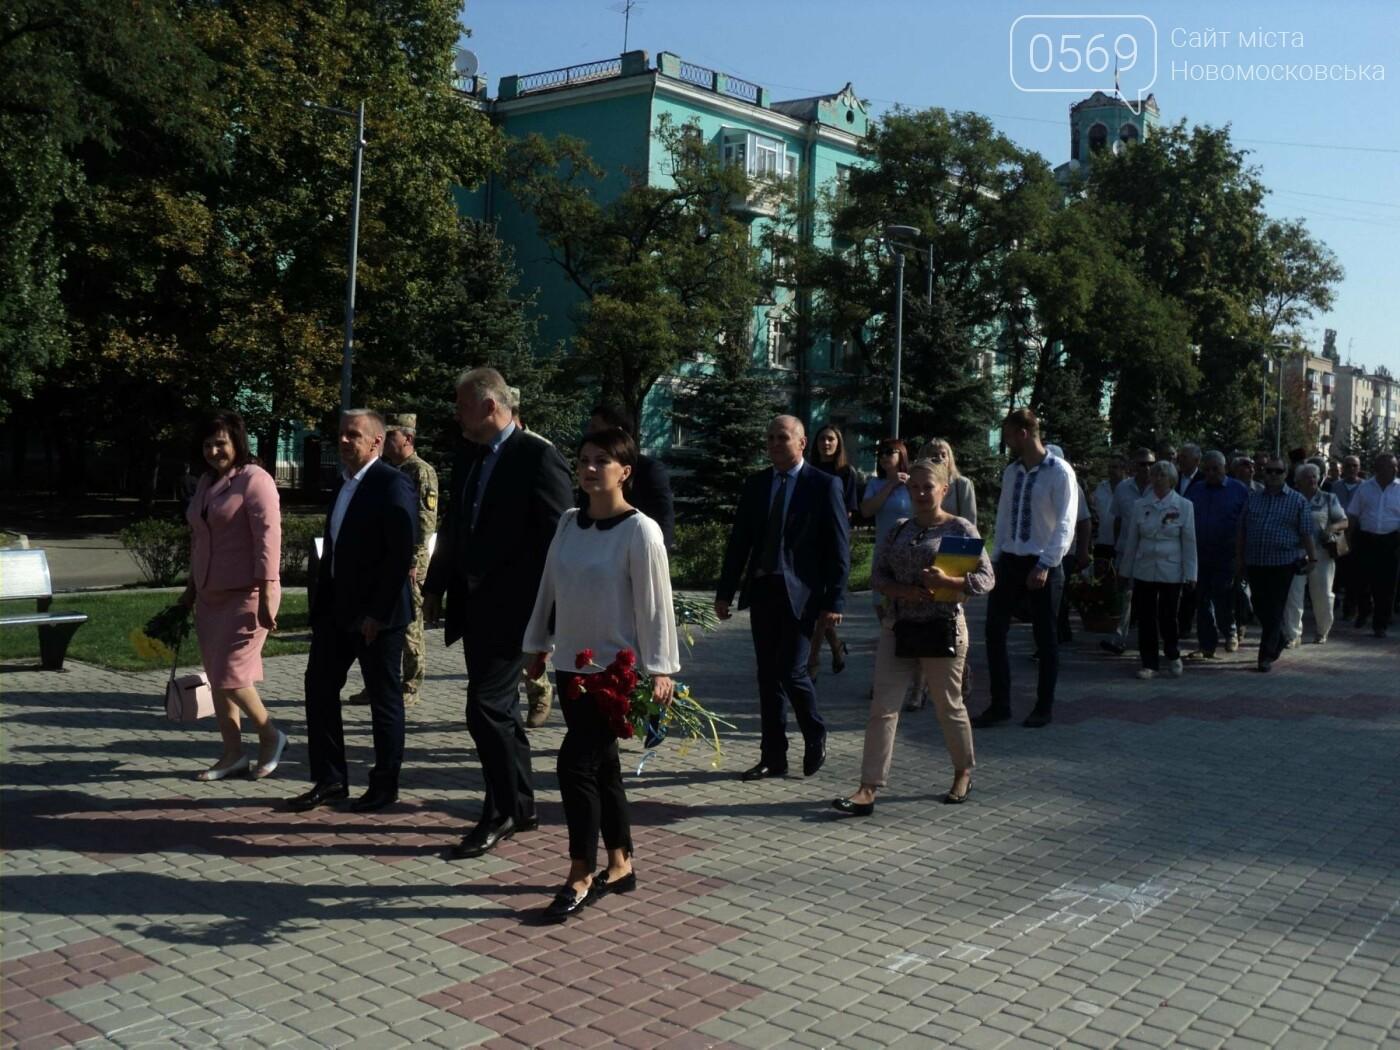 В Новомосковську пройшов урочистий мітинг до Дня міста, фото-8